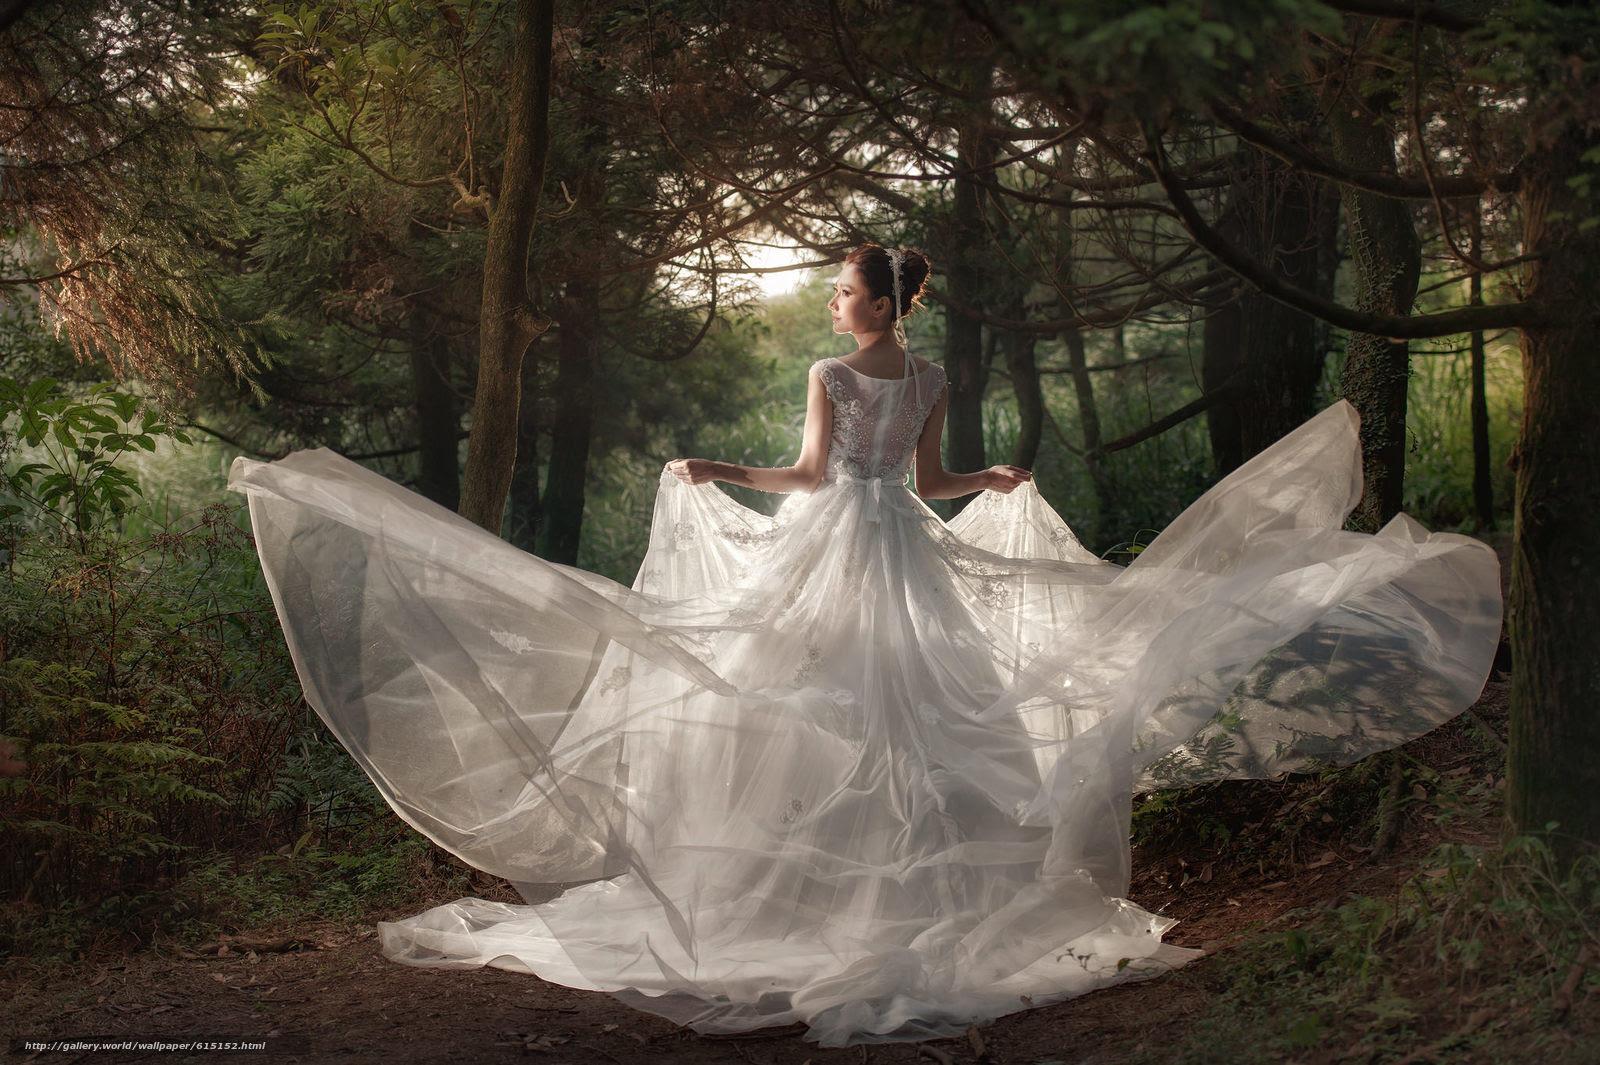 壁紙をダウンロード 結婚式 花嫁 ウェディングドレス ドレス